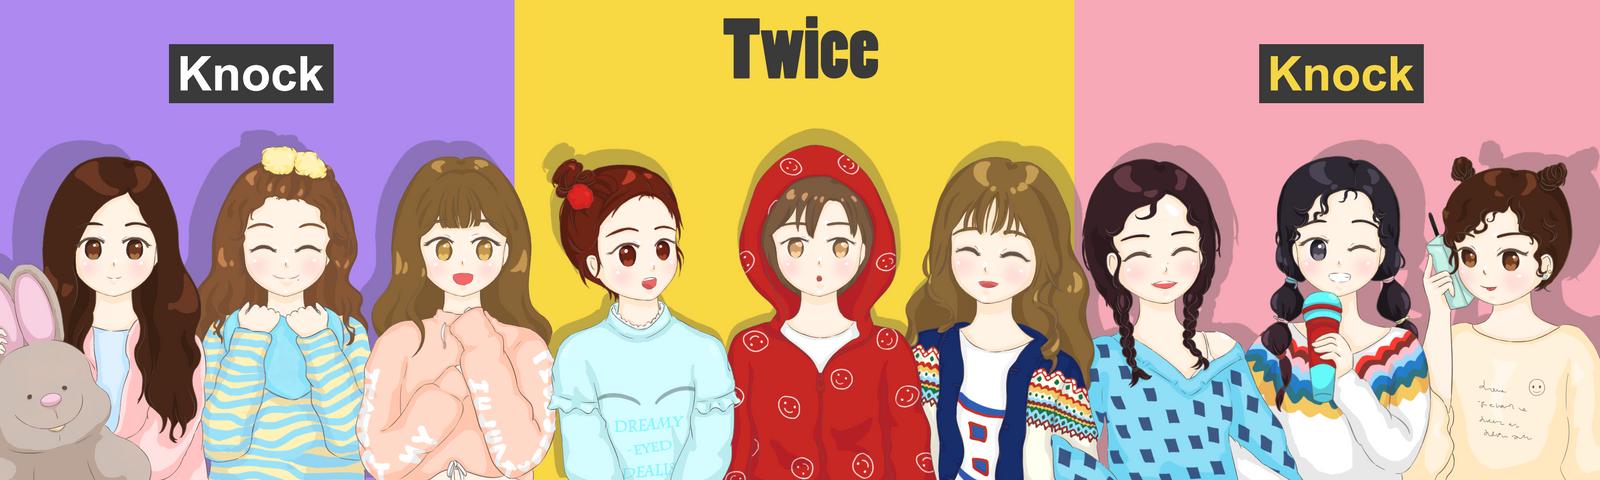 Twice-Knock Knock by PinkLiu